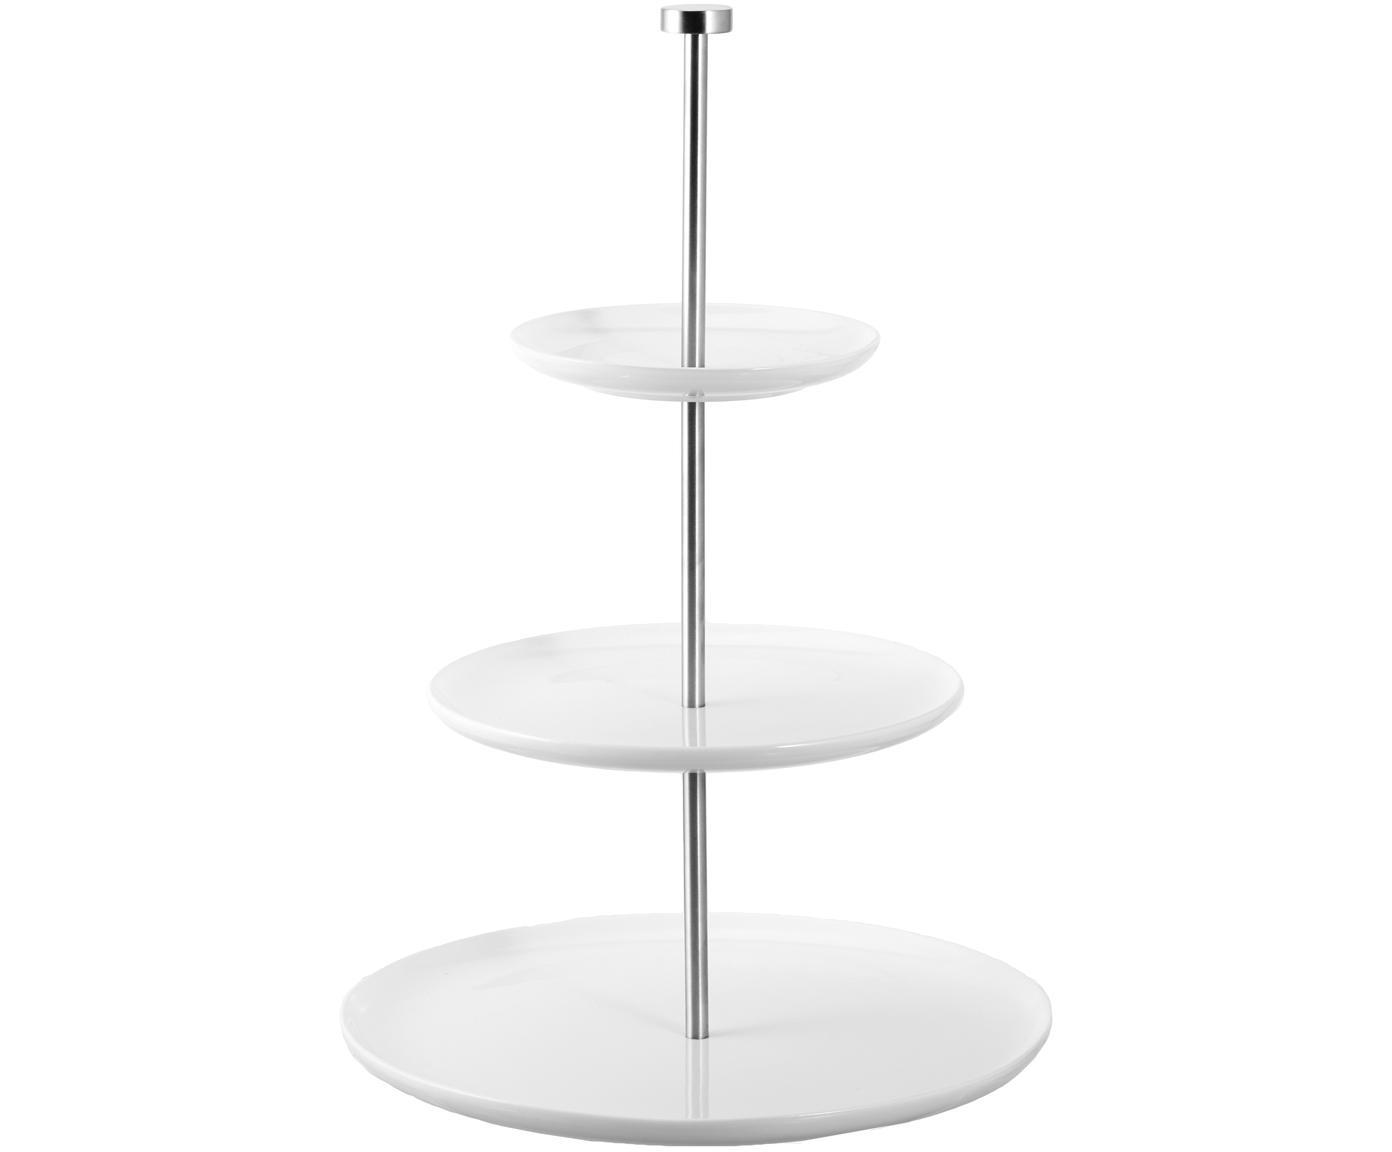 Etażerka Karo, Ceramika, metal, Biały, Ø 30 x W 47 cm